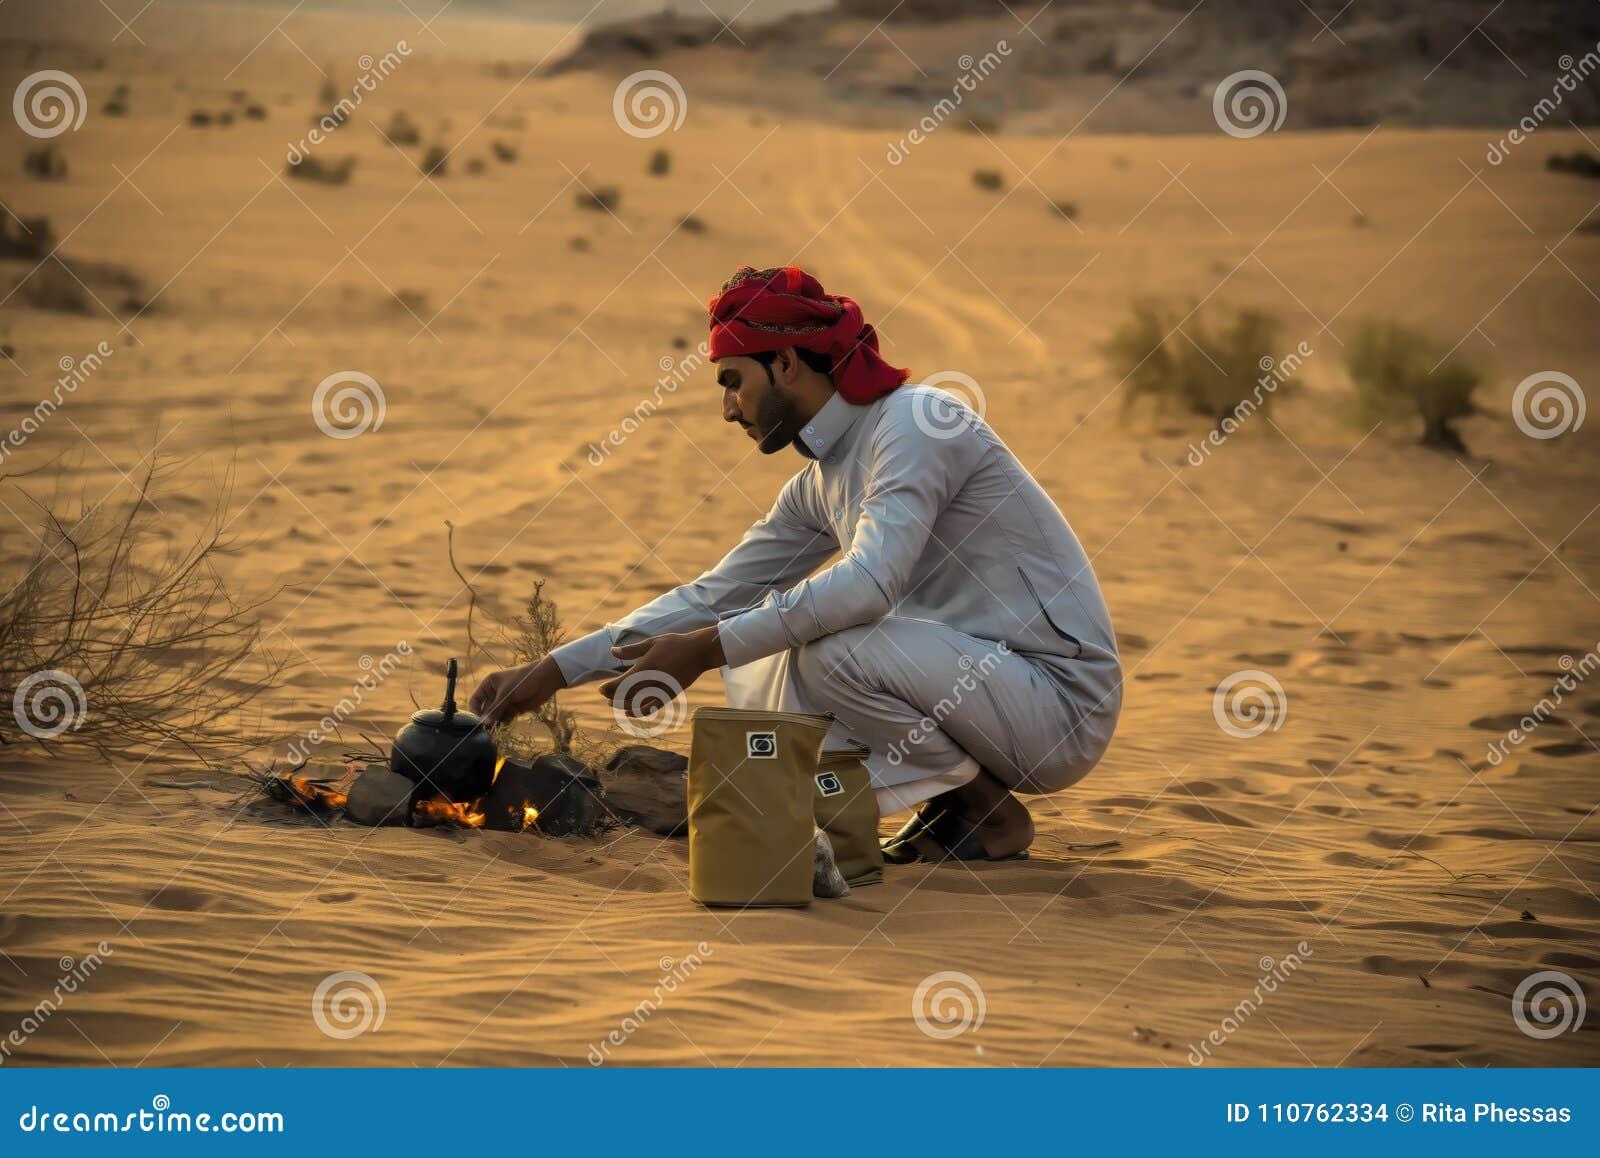 El desierto Jordania de Wadi Rum 17-9-2017 un hombre beduino, hace un fuego en el medio del desierto del ron del lecho de un río